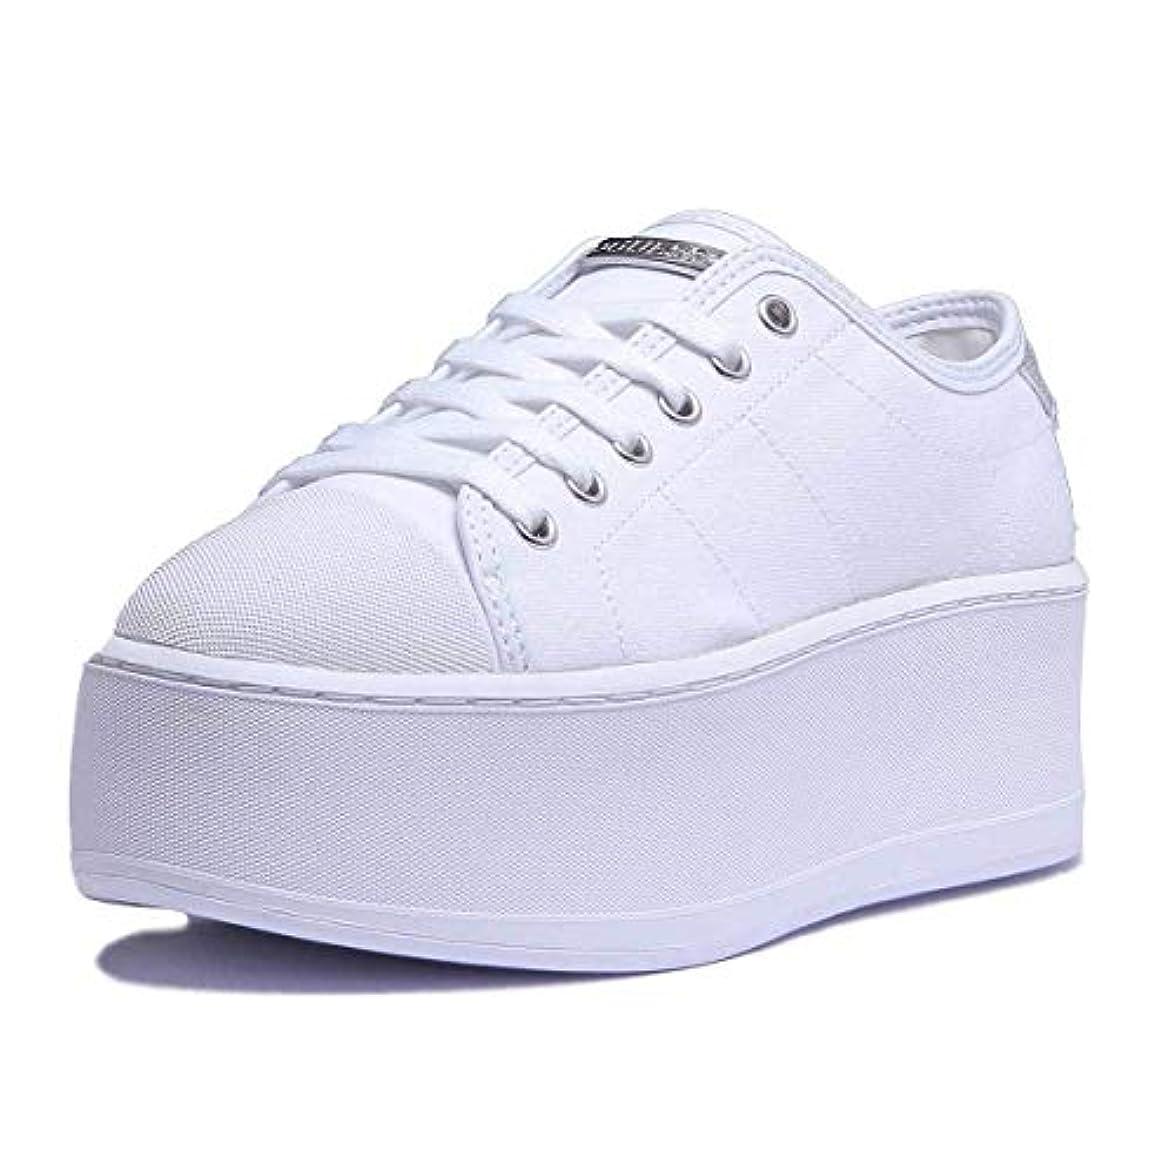 Bianco Primavera Estate Zeppa Modello Donna Fab12 Tessuto Guess In White Media Collezione Colore Flbmr2 Con Nuova 2018 Articolo Sneaker